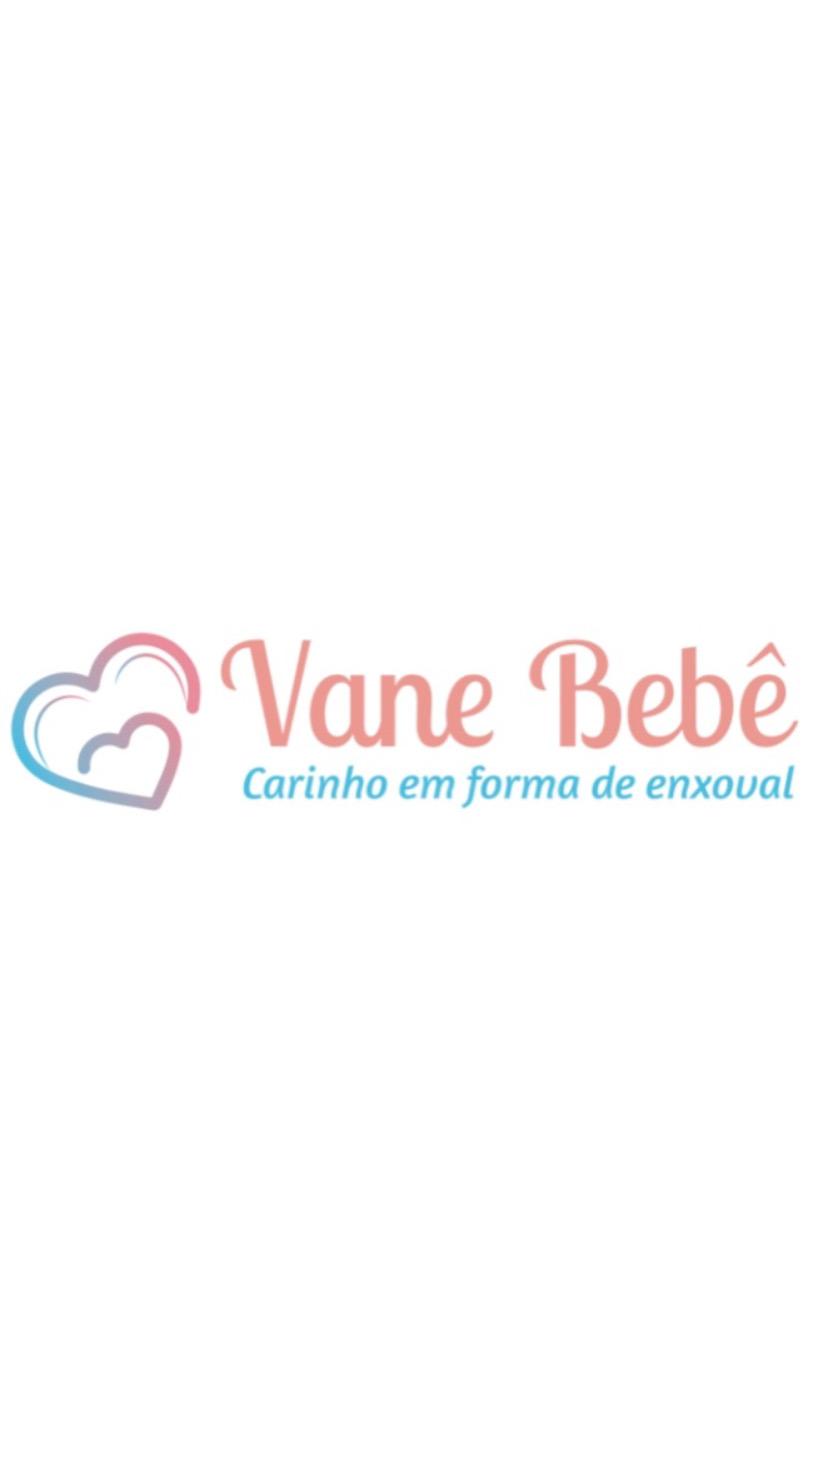 Vane Bebê